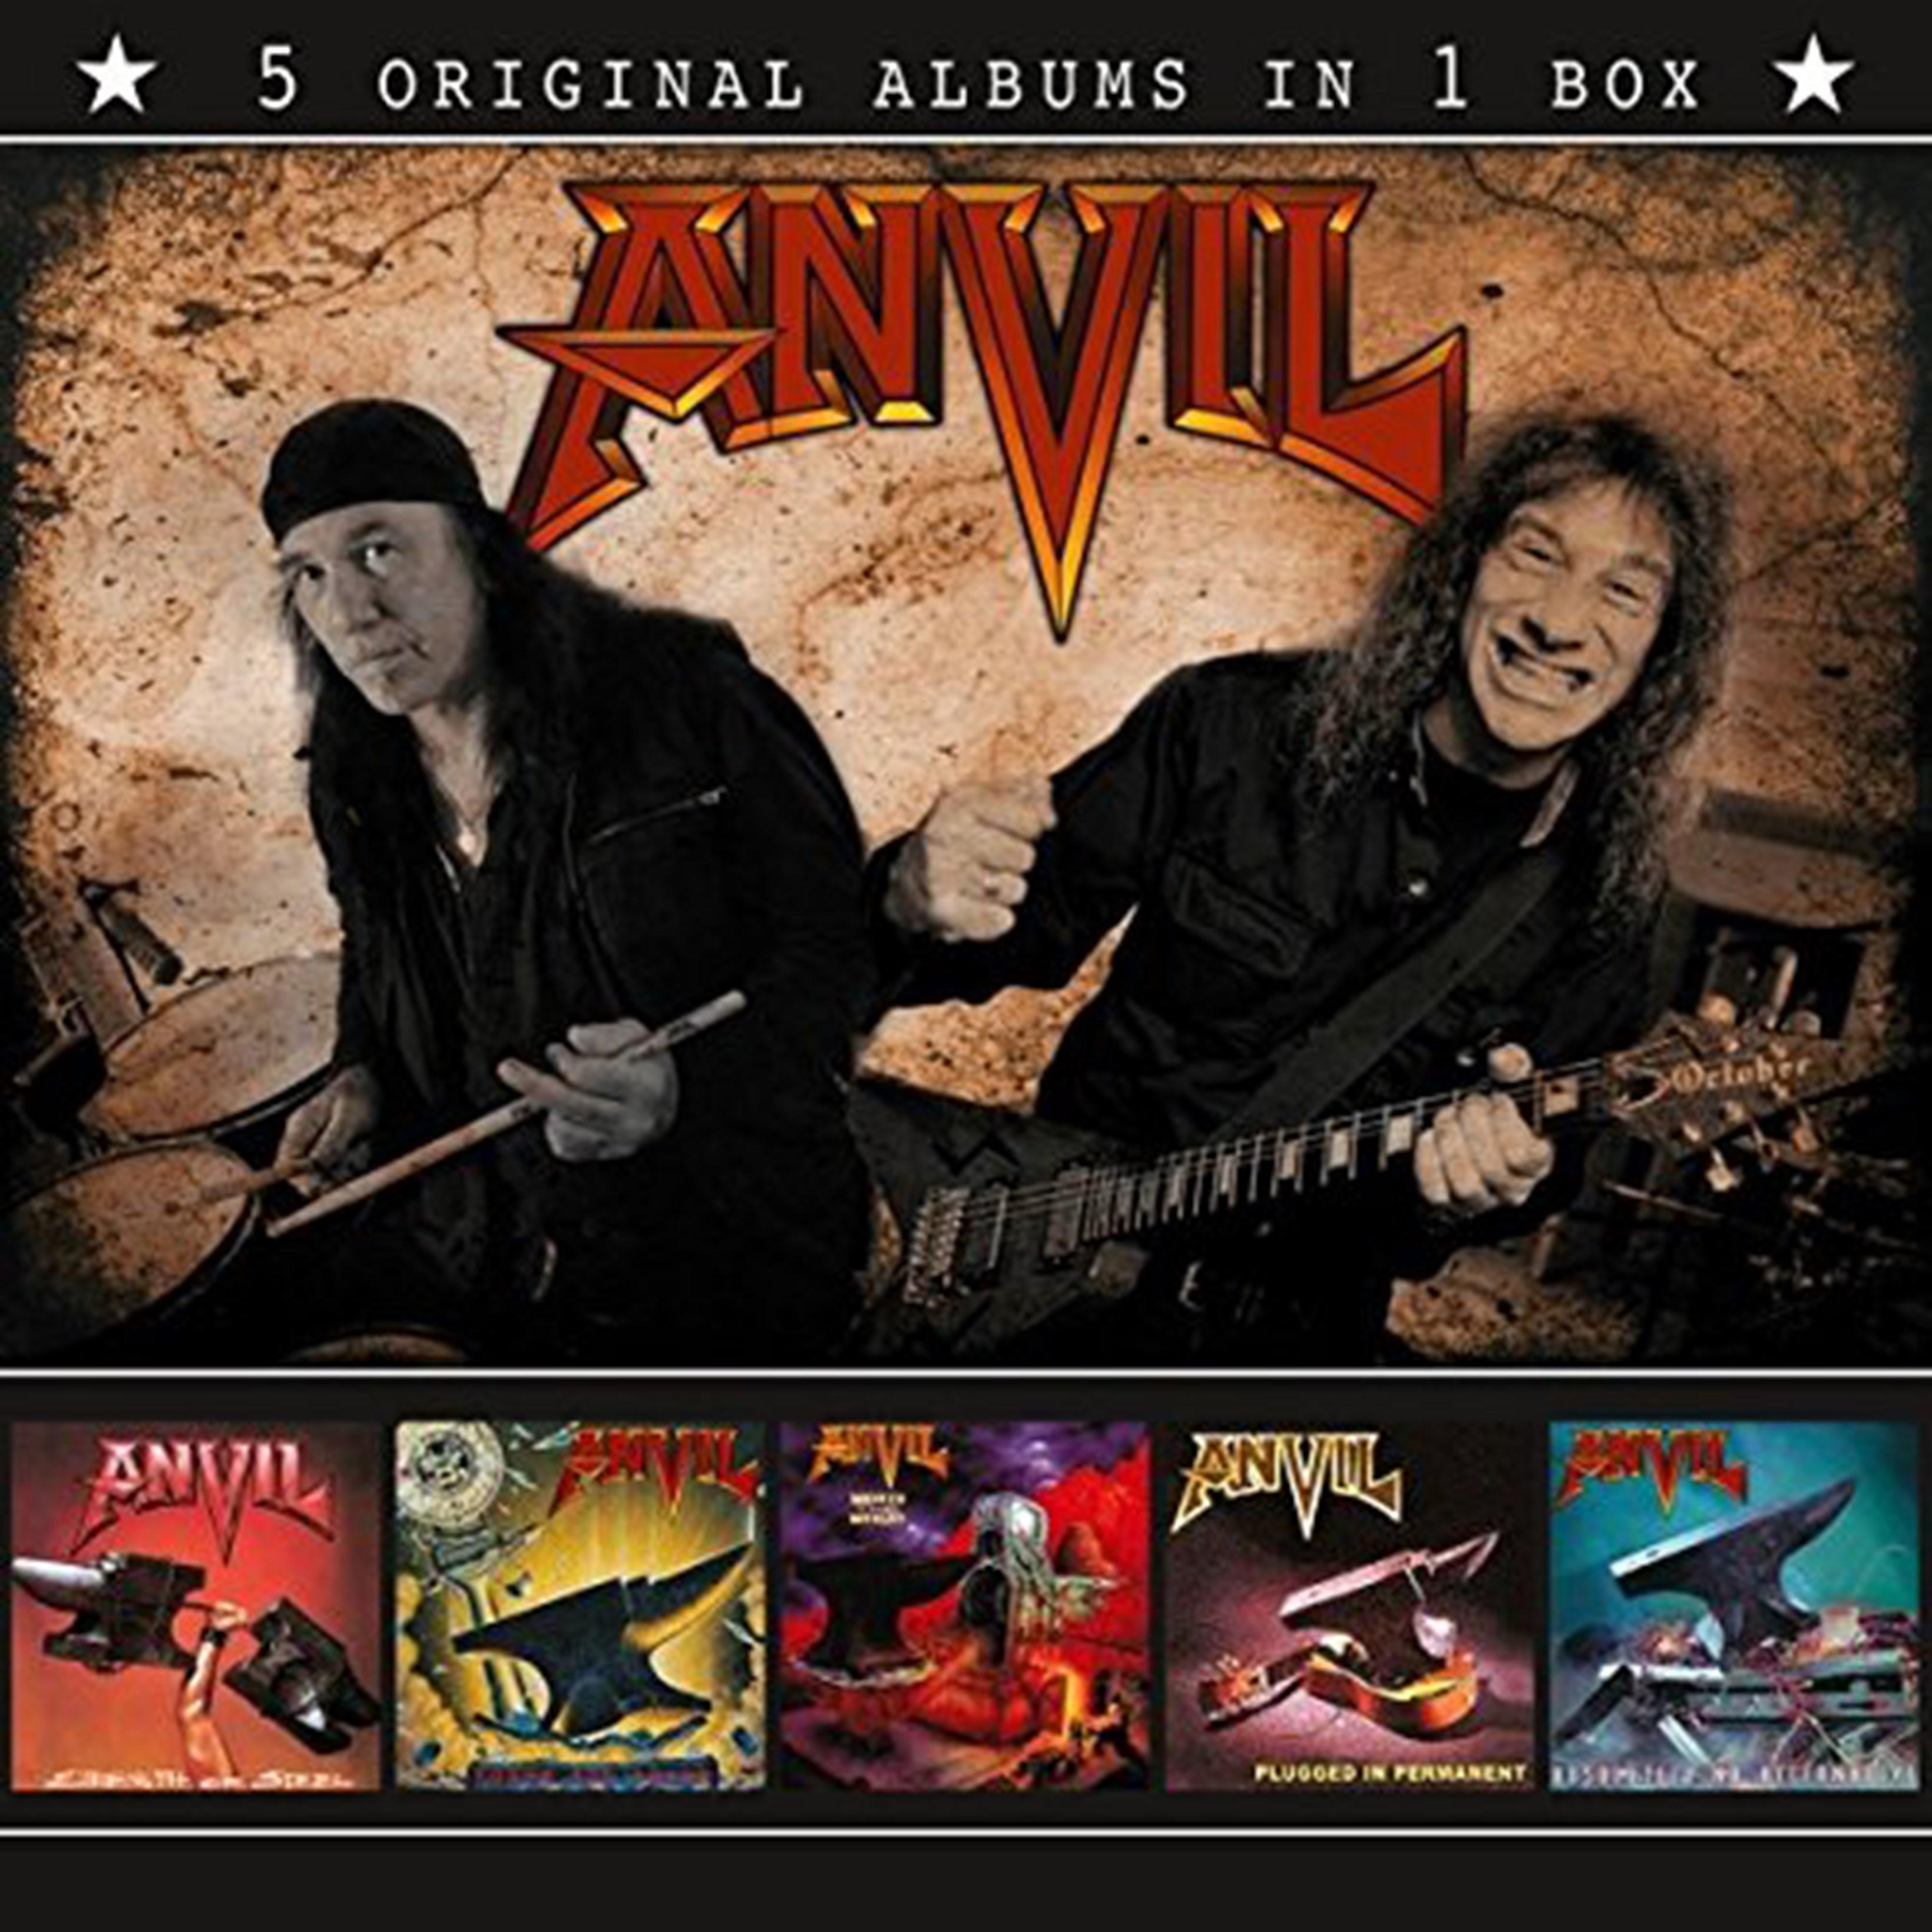 5 Original Albums in 1 Box - 1